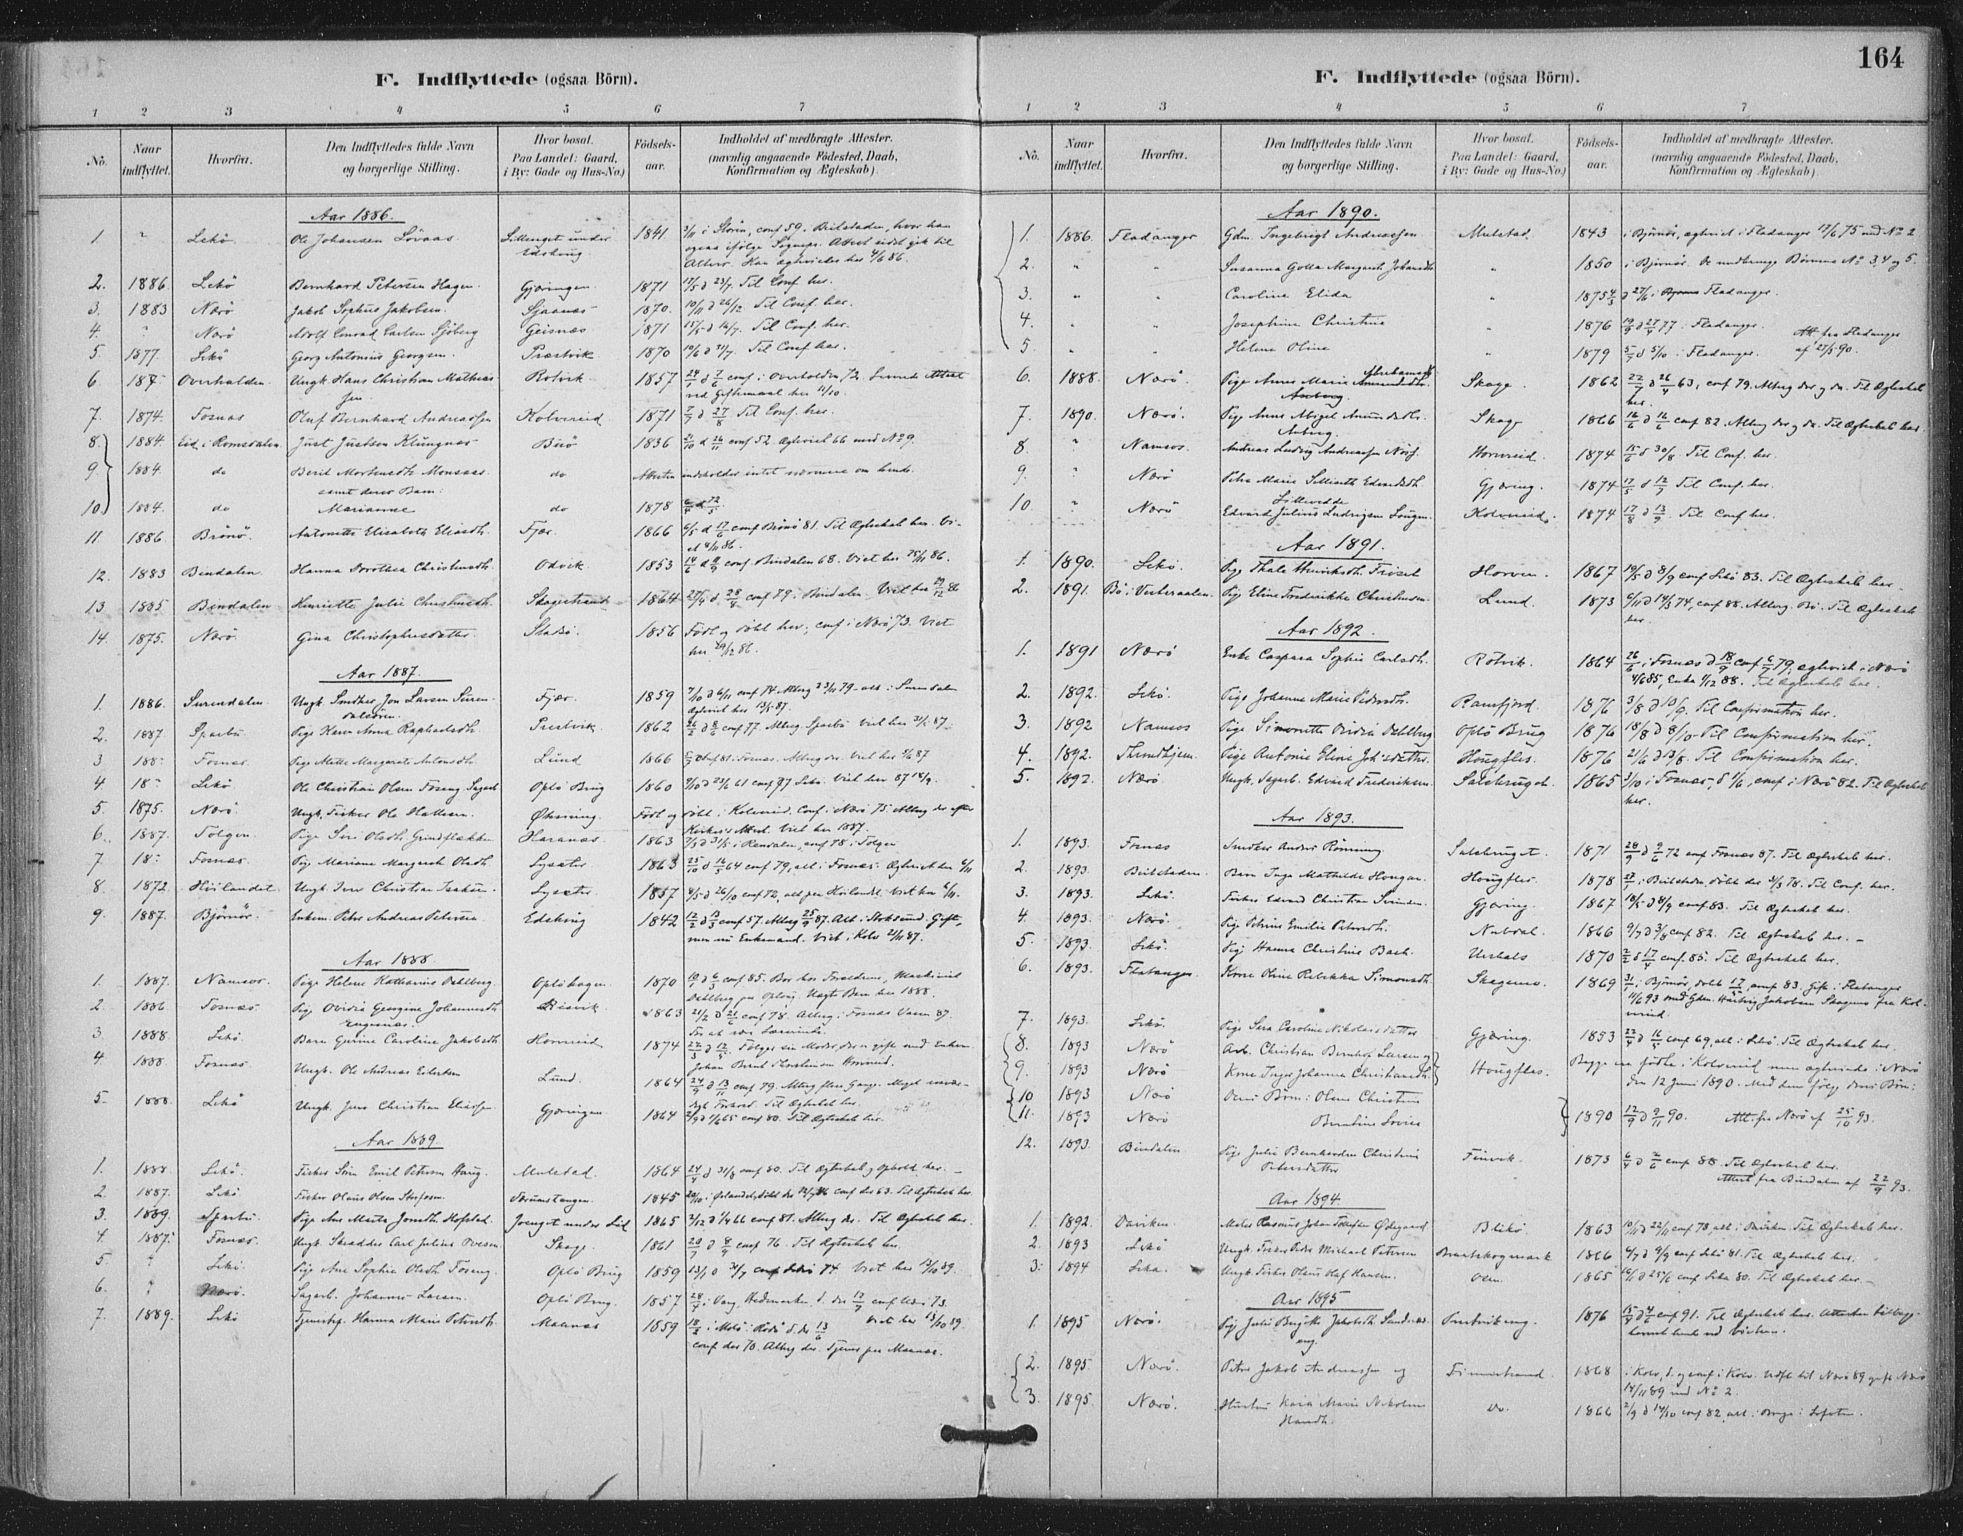 SAT, Ministerialprotokoller, klokkerbøker og fødselsregistre - Nord-Trøndelag, 780/L0644: Ministerialbok nr. 780A08, 1886-1903, s. 164